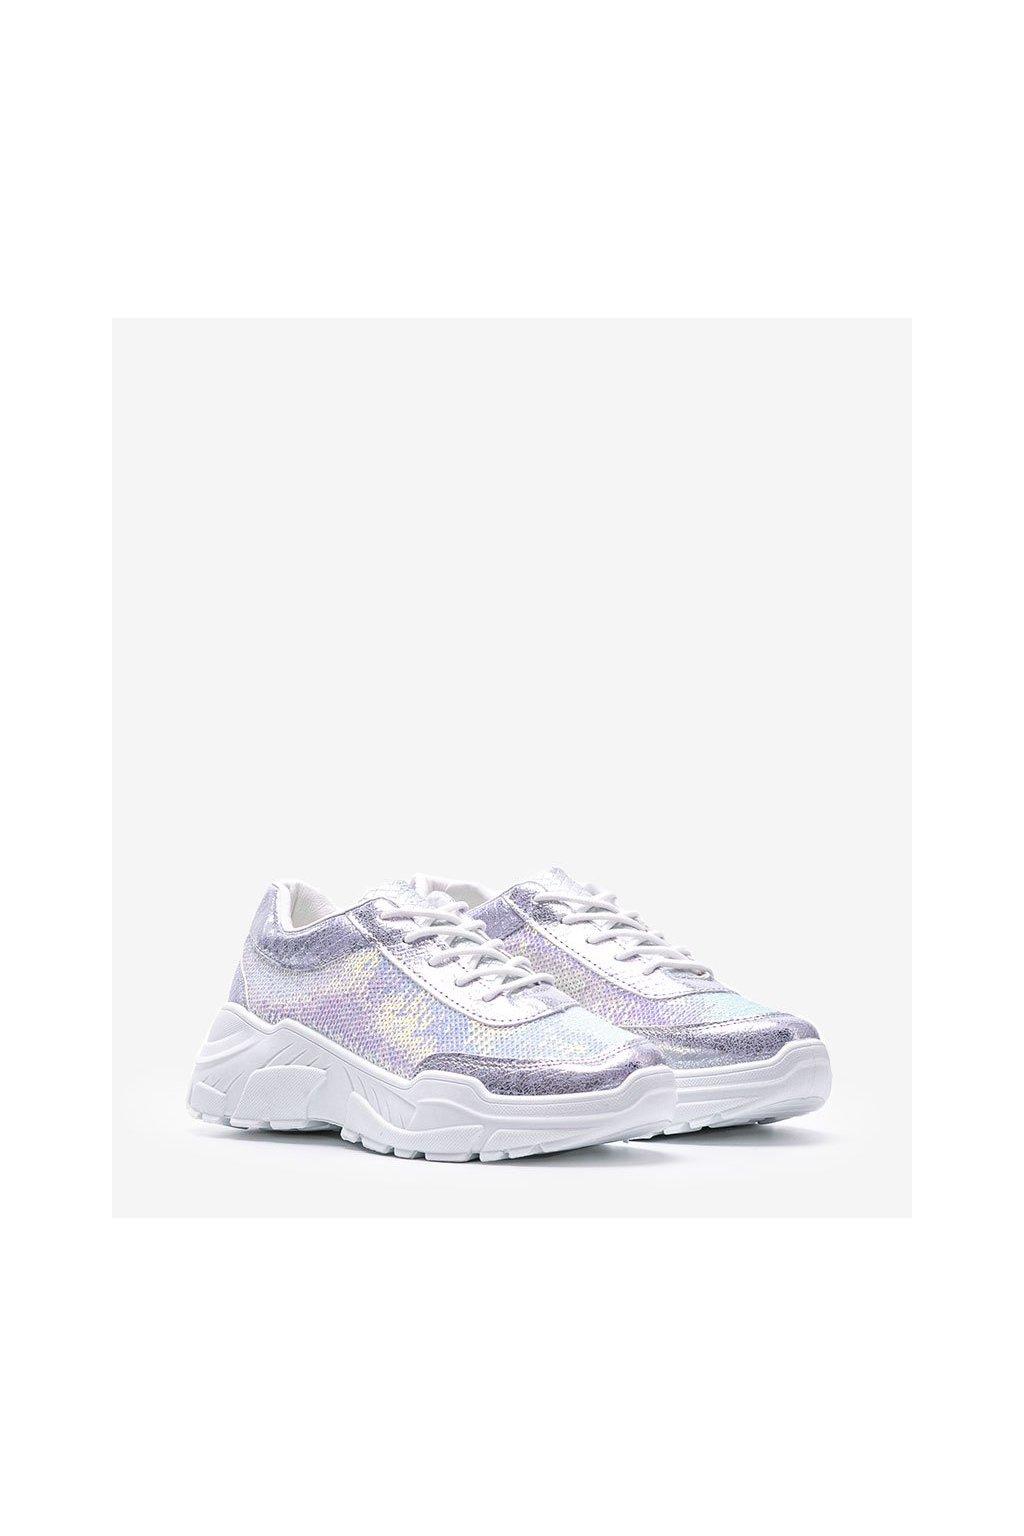 Dámske topánky tenisky sivé kód 1069 - GM